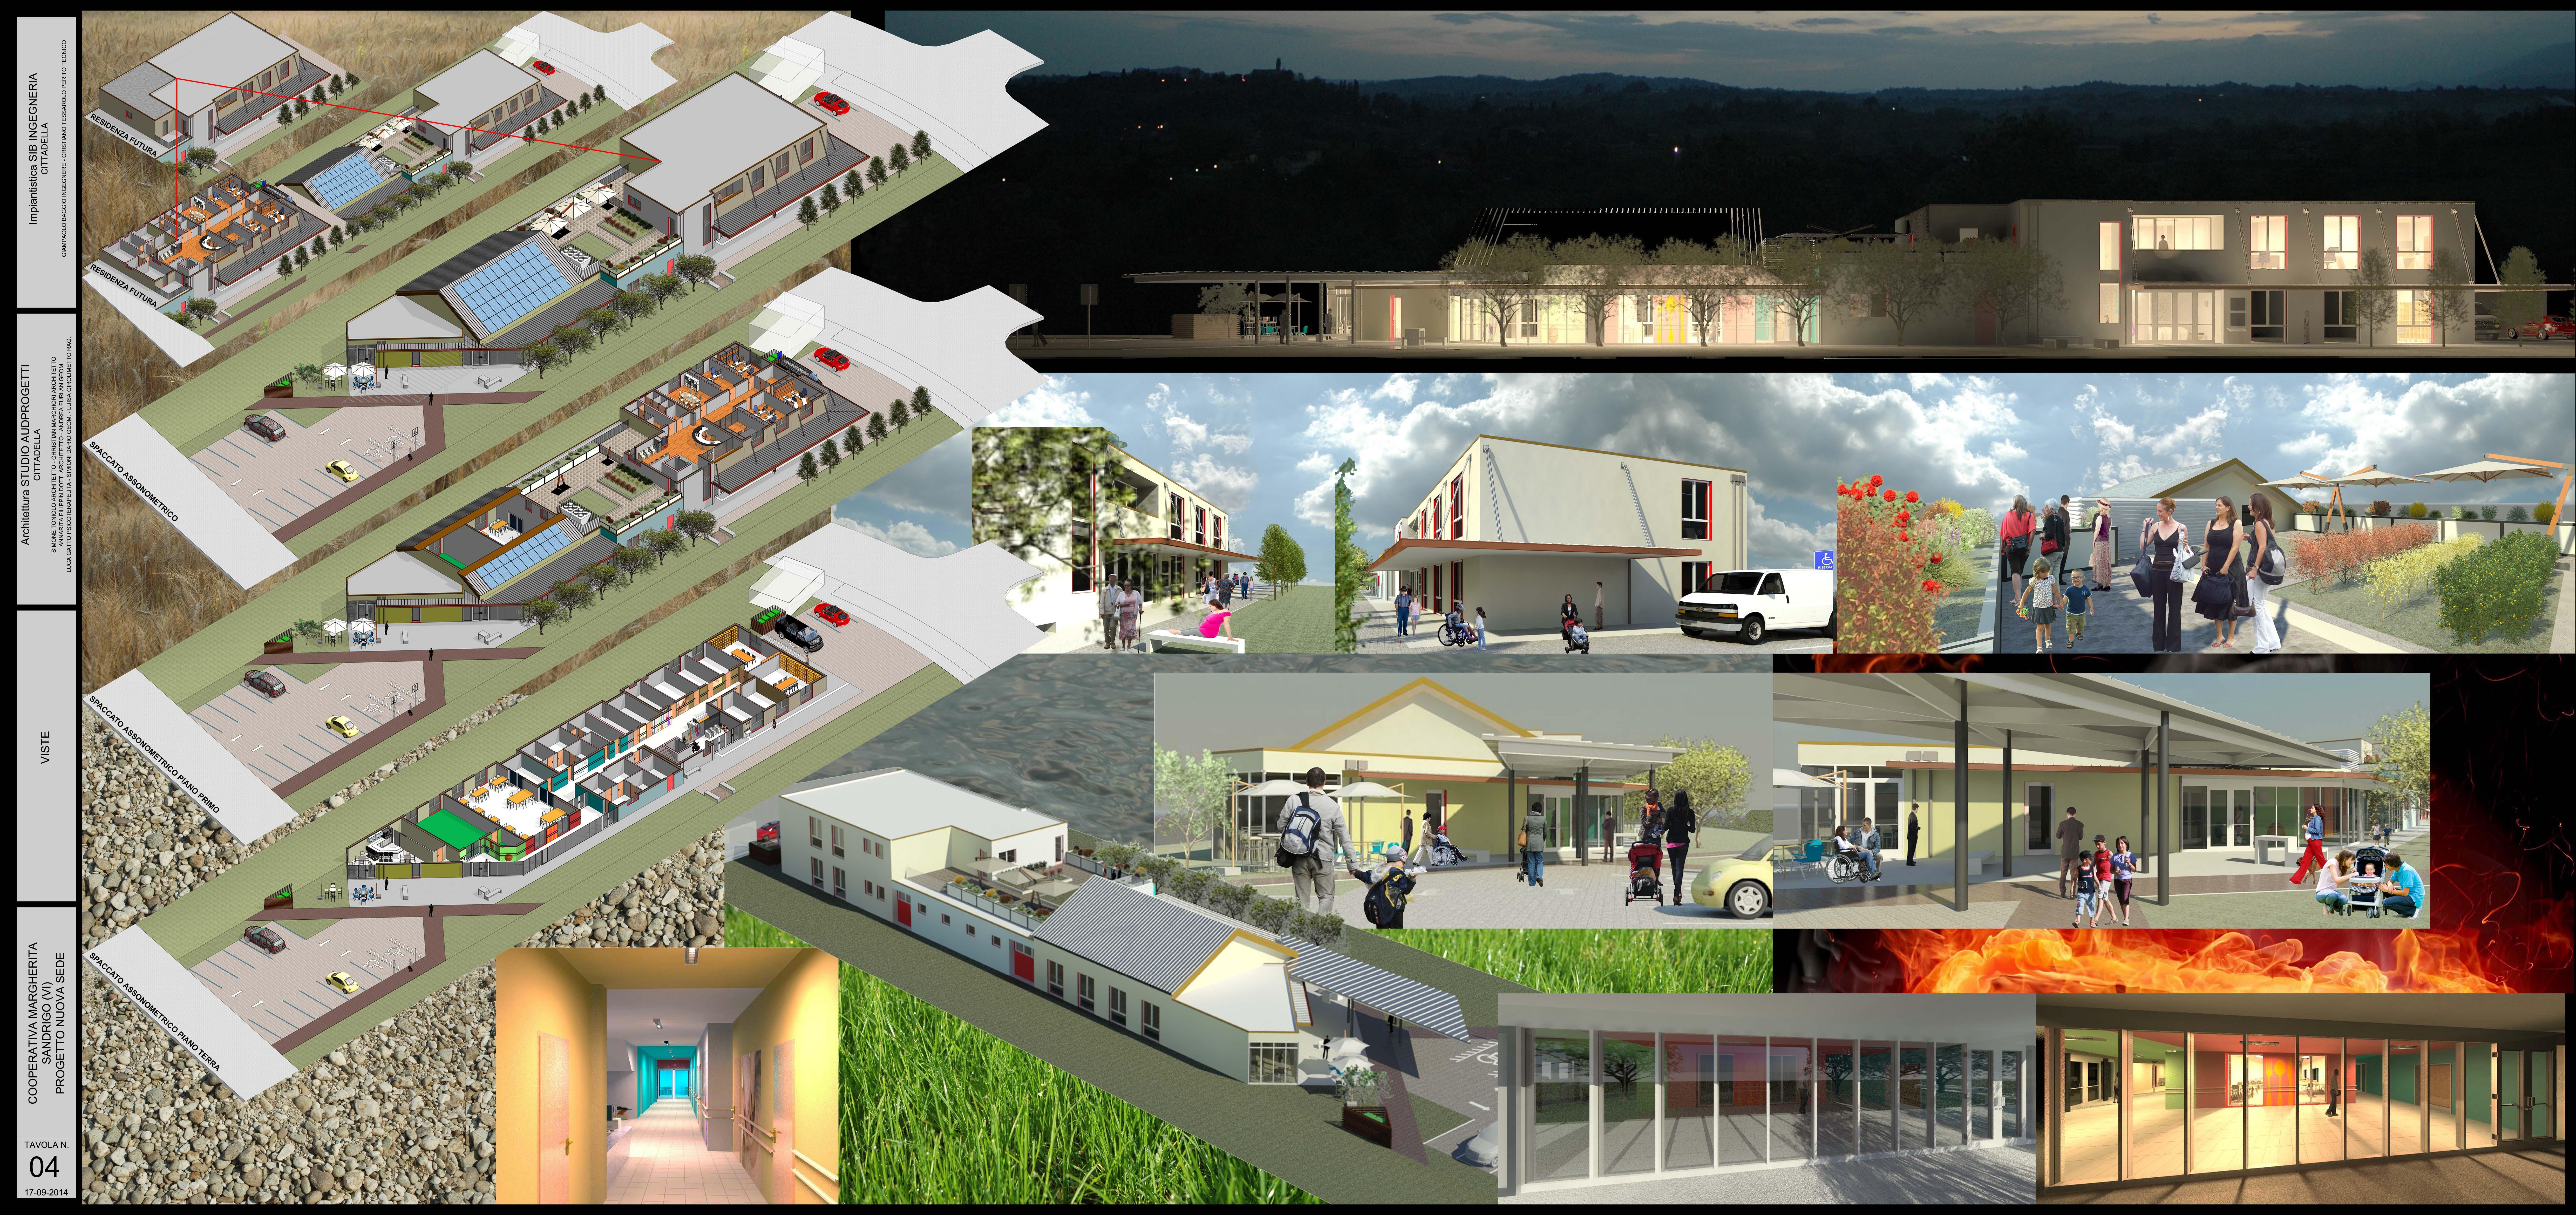 Concorso di idee per la nuova sede della cooperativa for Progettazione di idee di scantinato